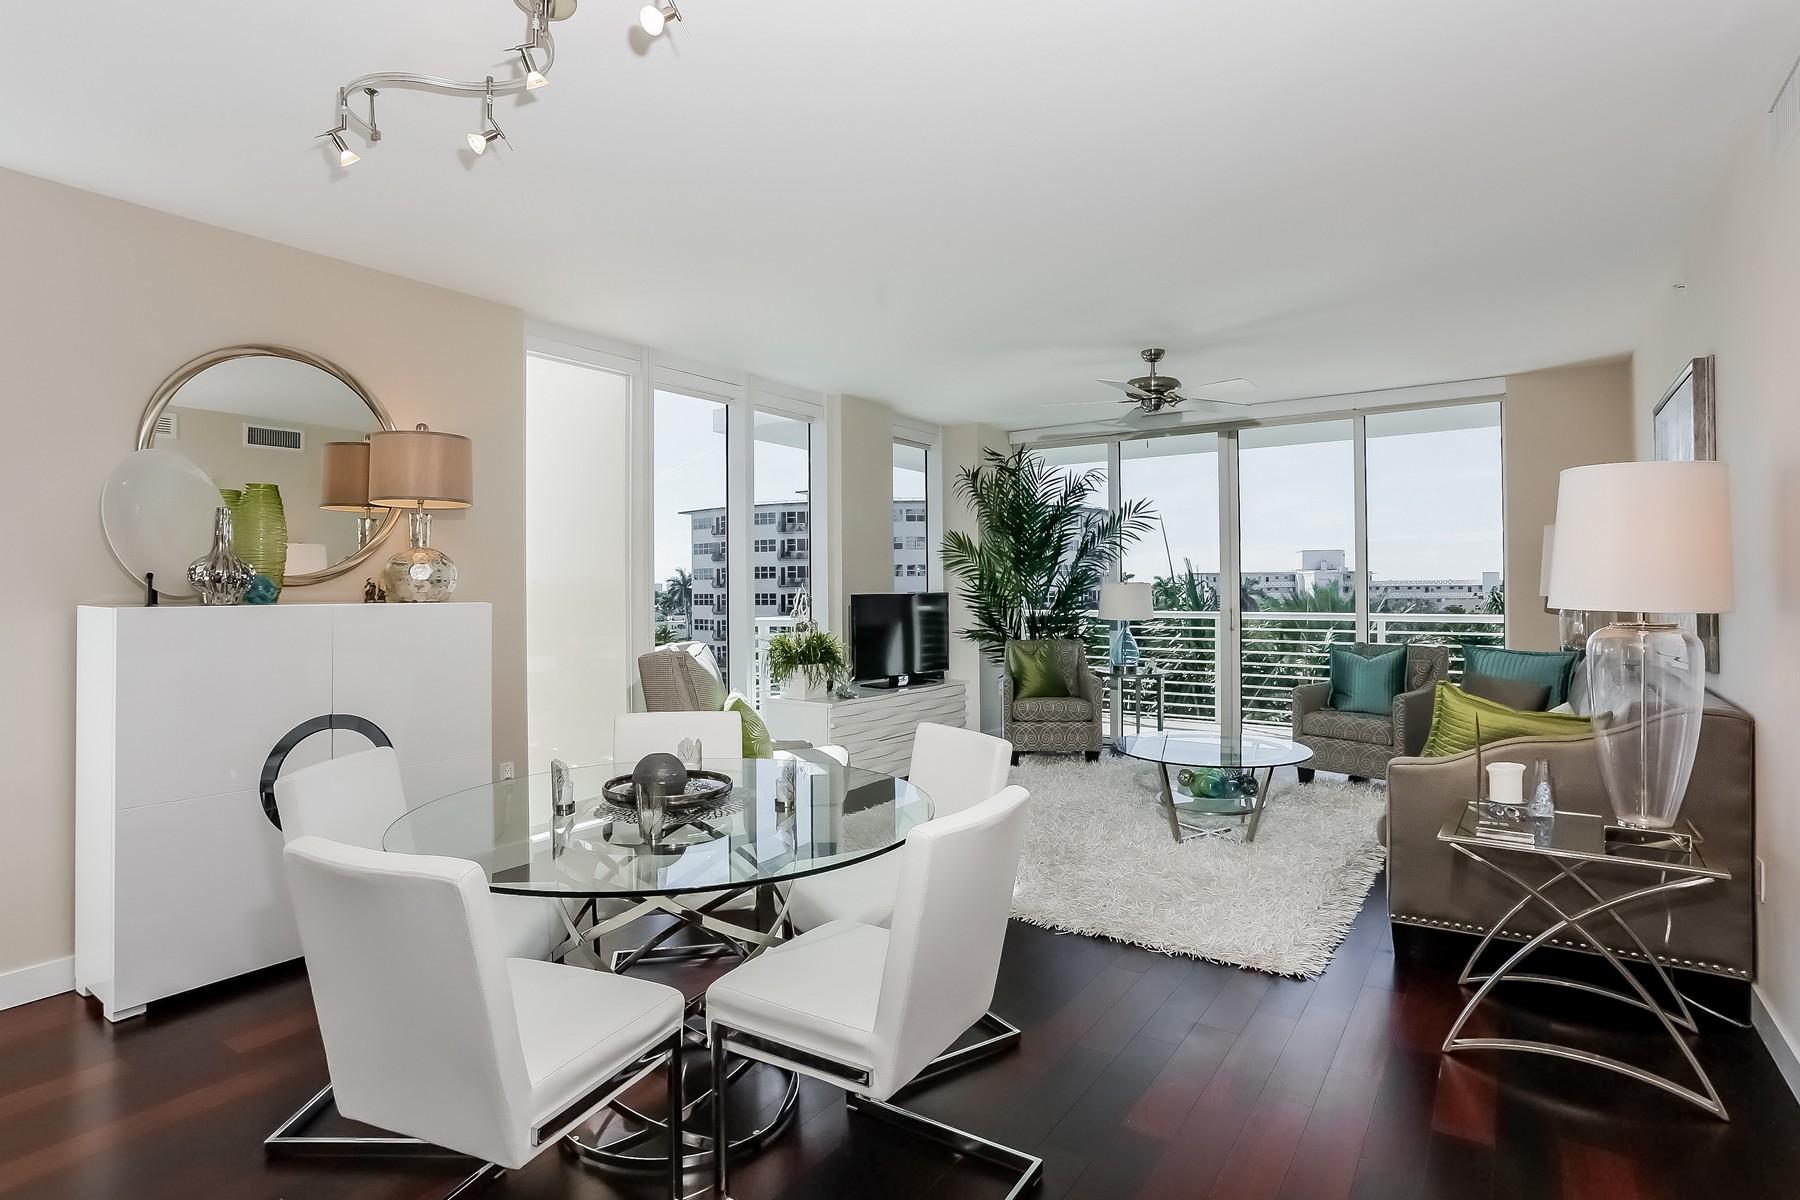 共管式独立产权公寓 为 销售 在 2821 N Ocean Blvd #407S 劳德代尔堡, 佛罗里达州 33308 美国